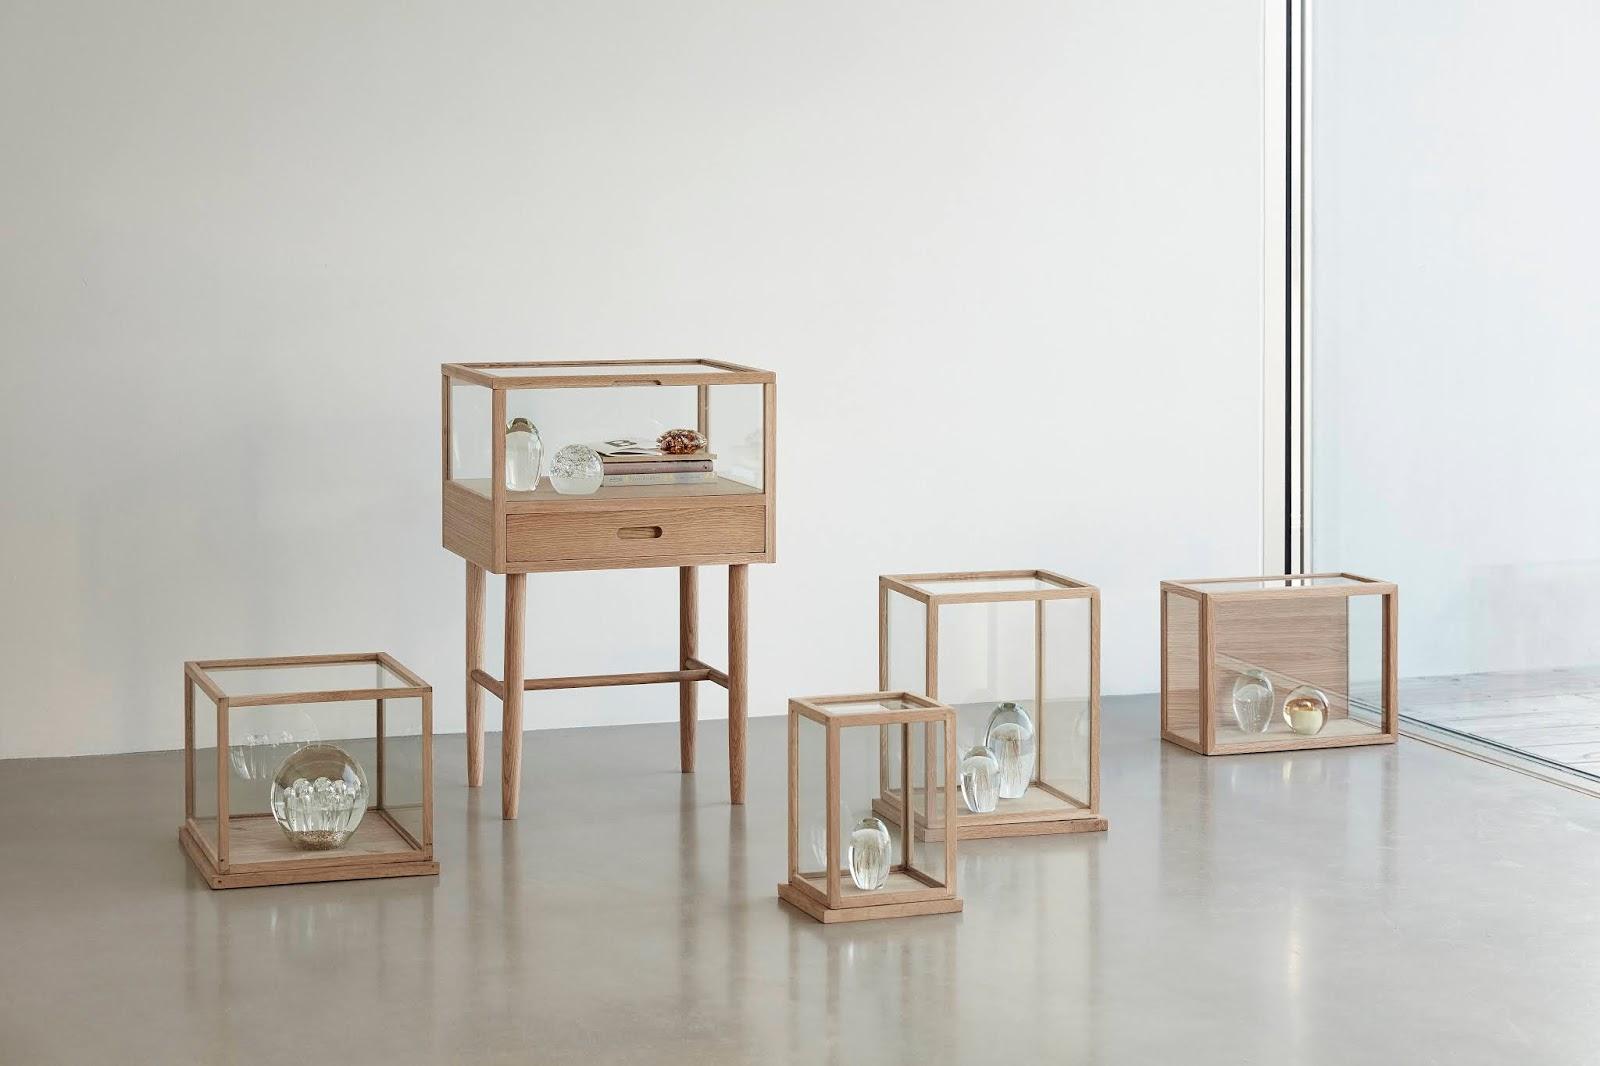 Połączenie szkła z drewnem